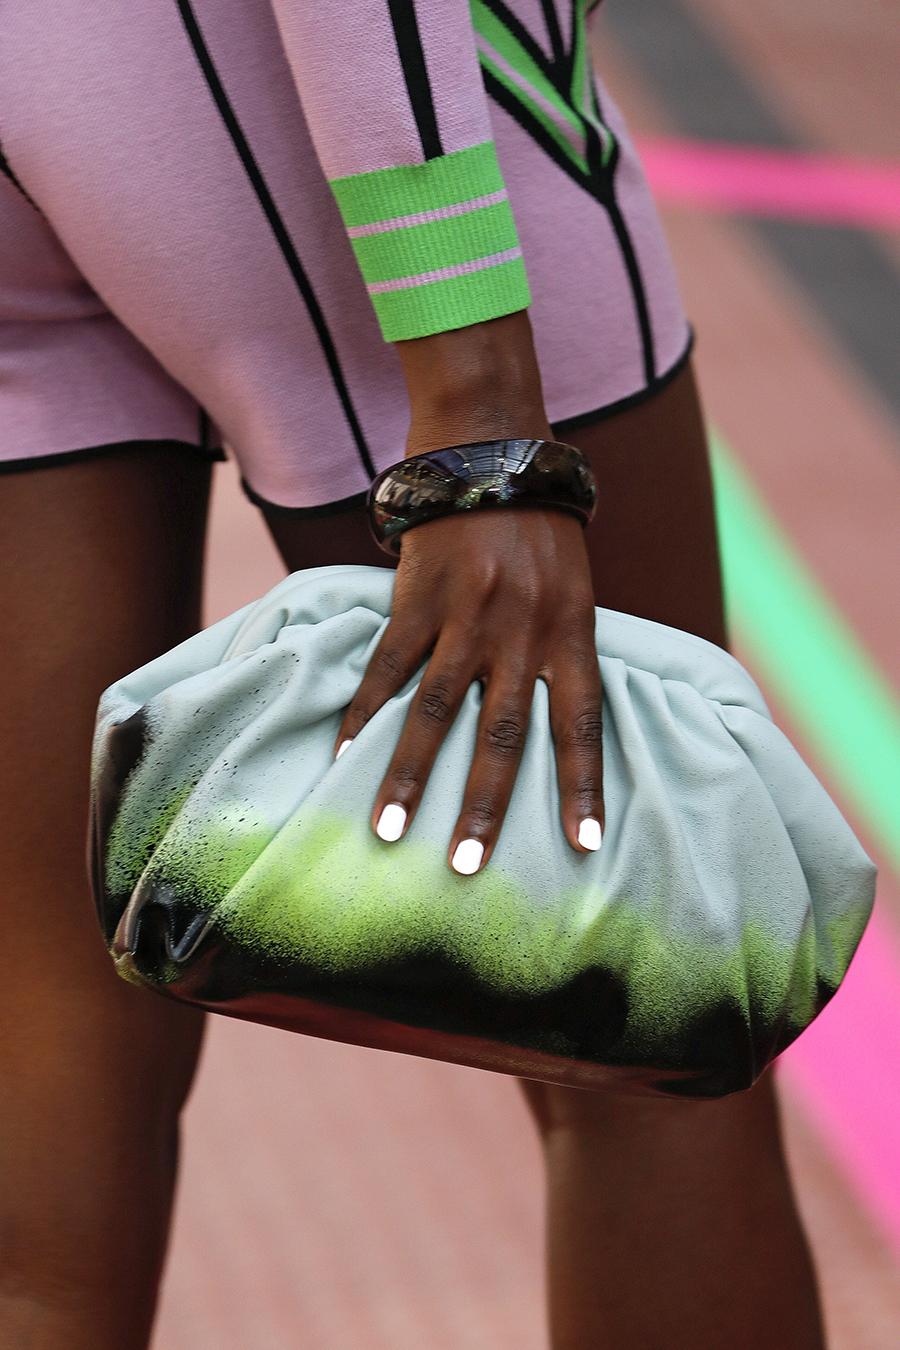 модная женская сумка лето 2021 клатч тоут шоппер пауч кожаная разноцветнаясерая зеленая черная тайдай